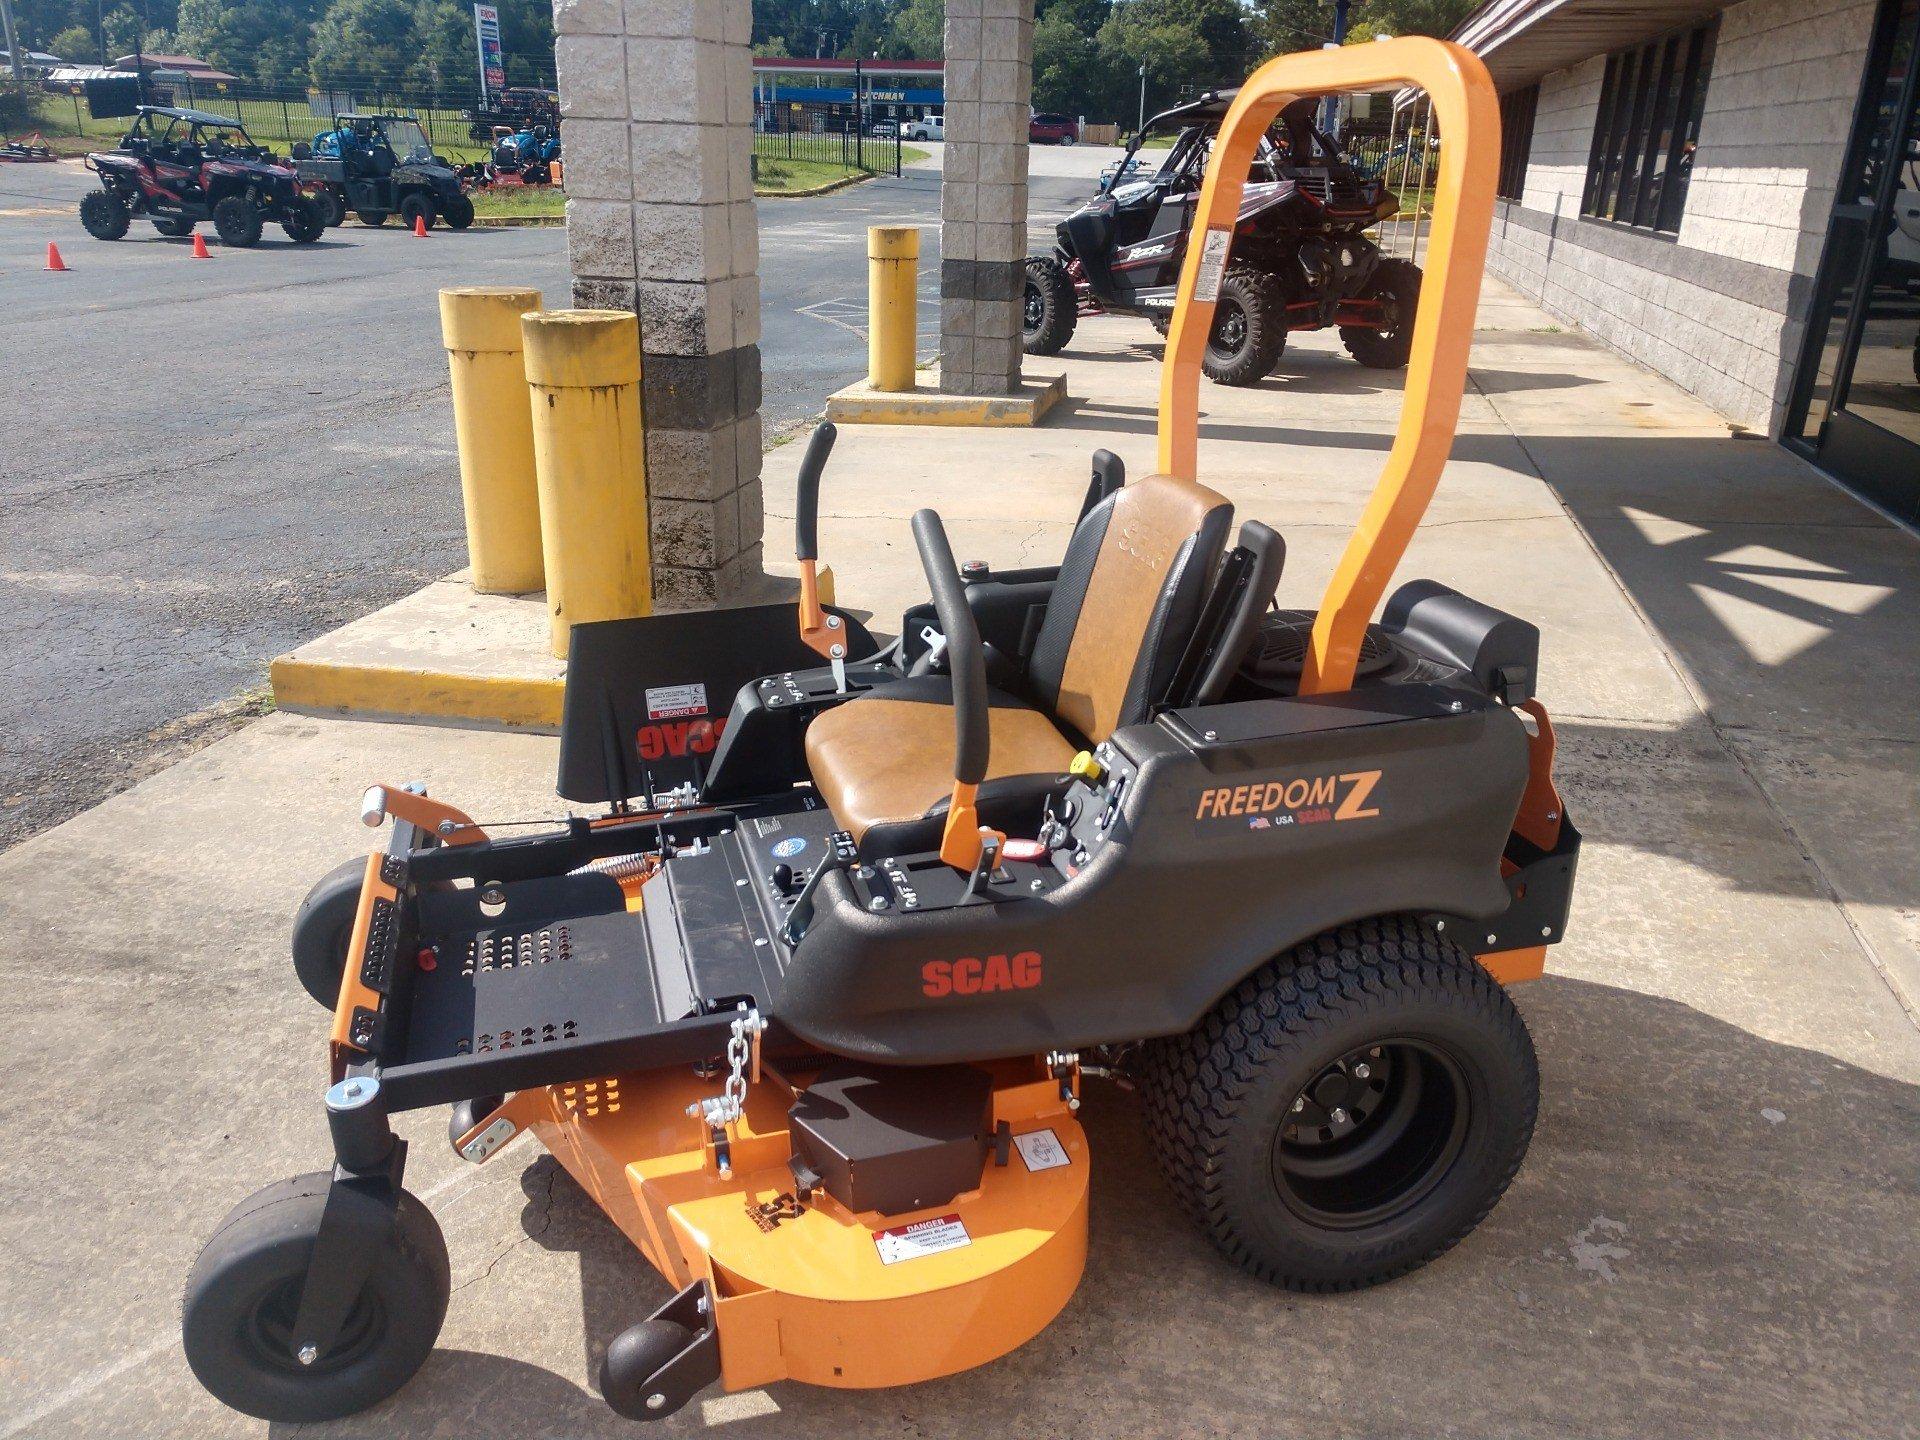 New 2019 Scag Power Equipment Freedom Z 52 In  Kohler 24